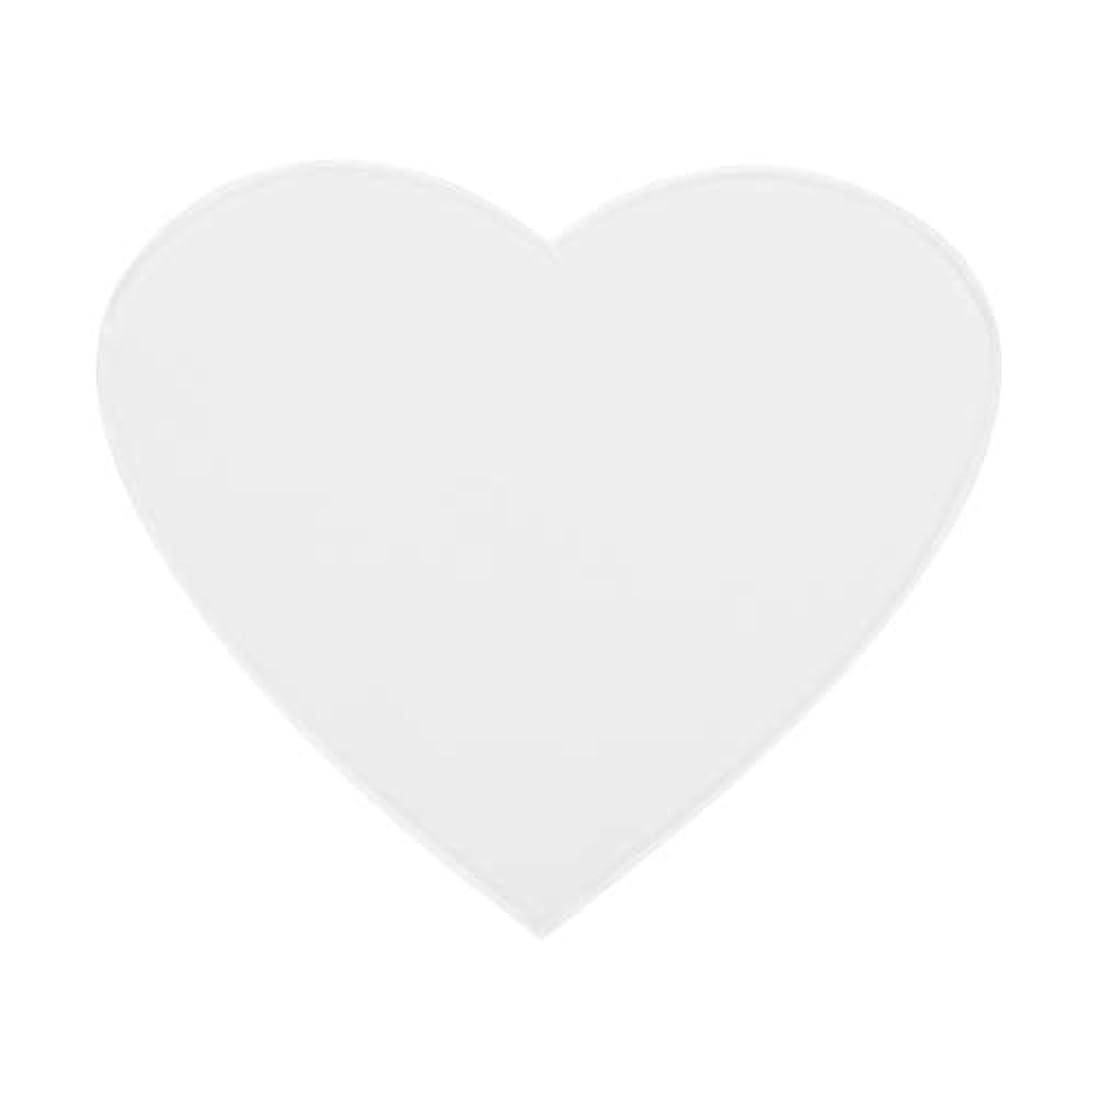 アンチリンクルシリコンチェストパッドケア再利用可能パッド(心臓)